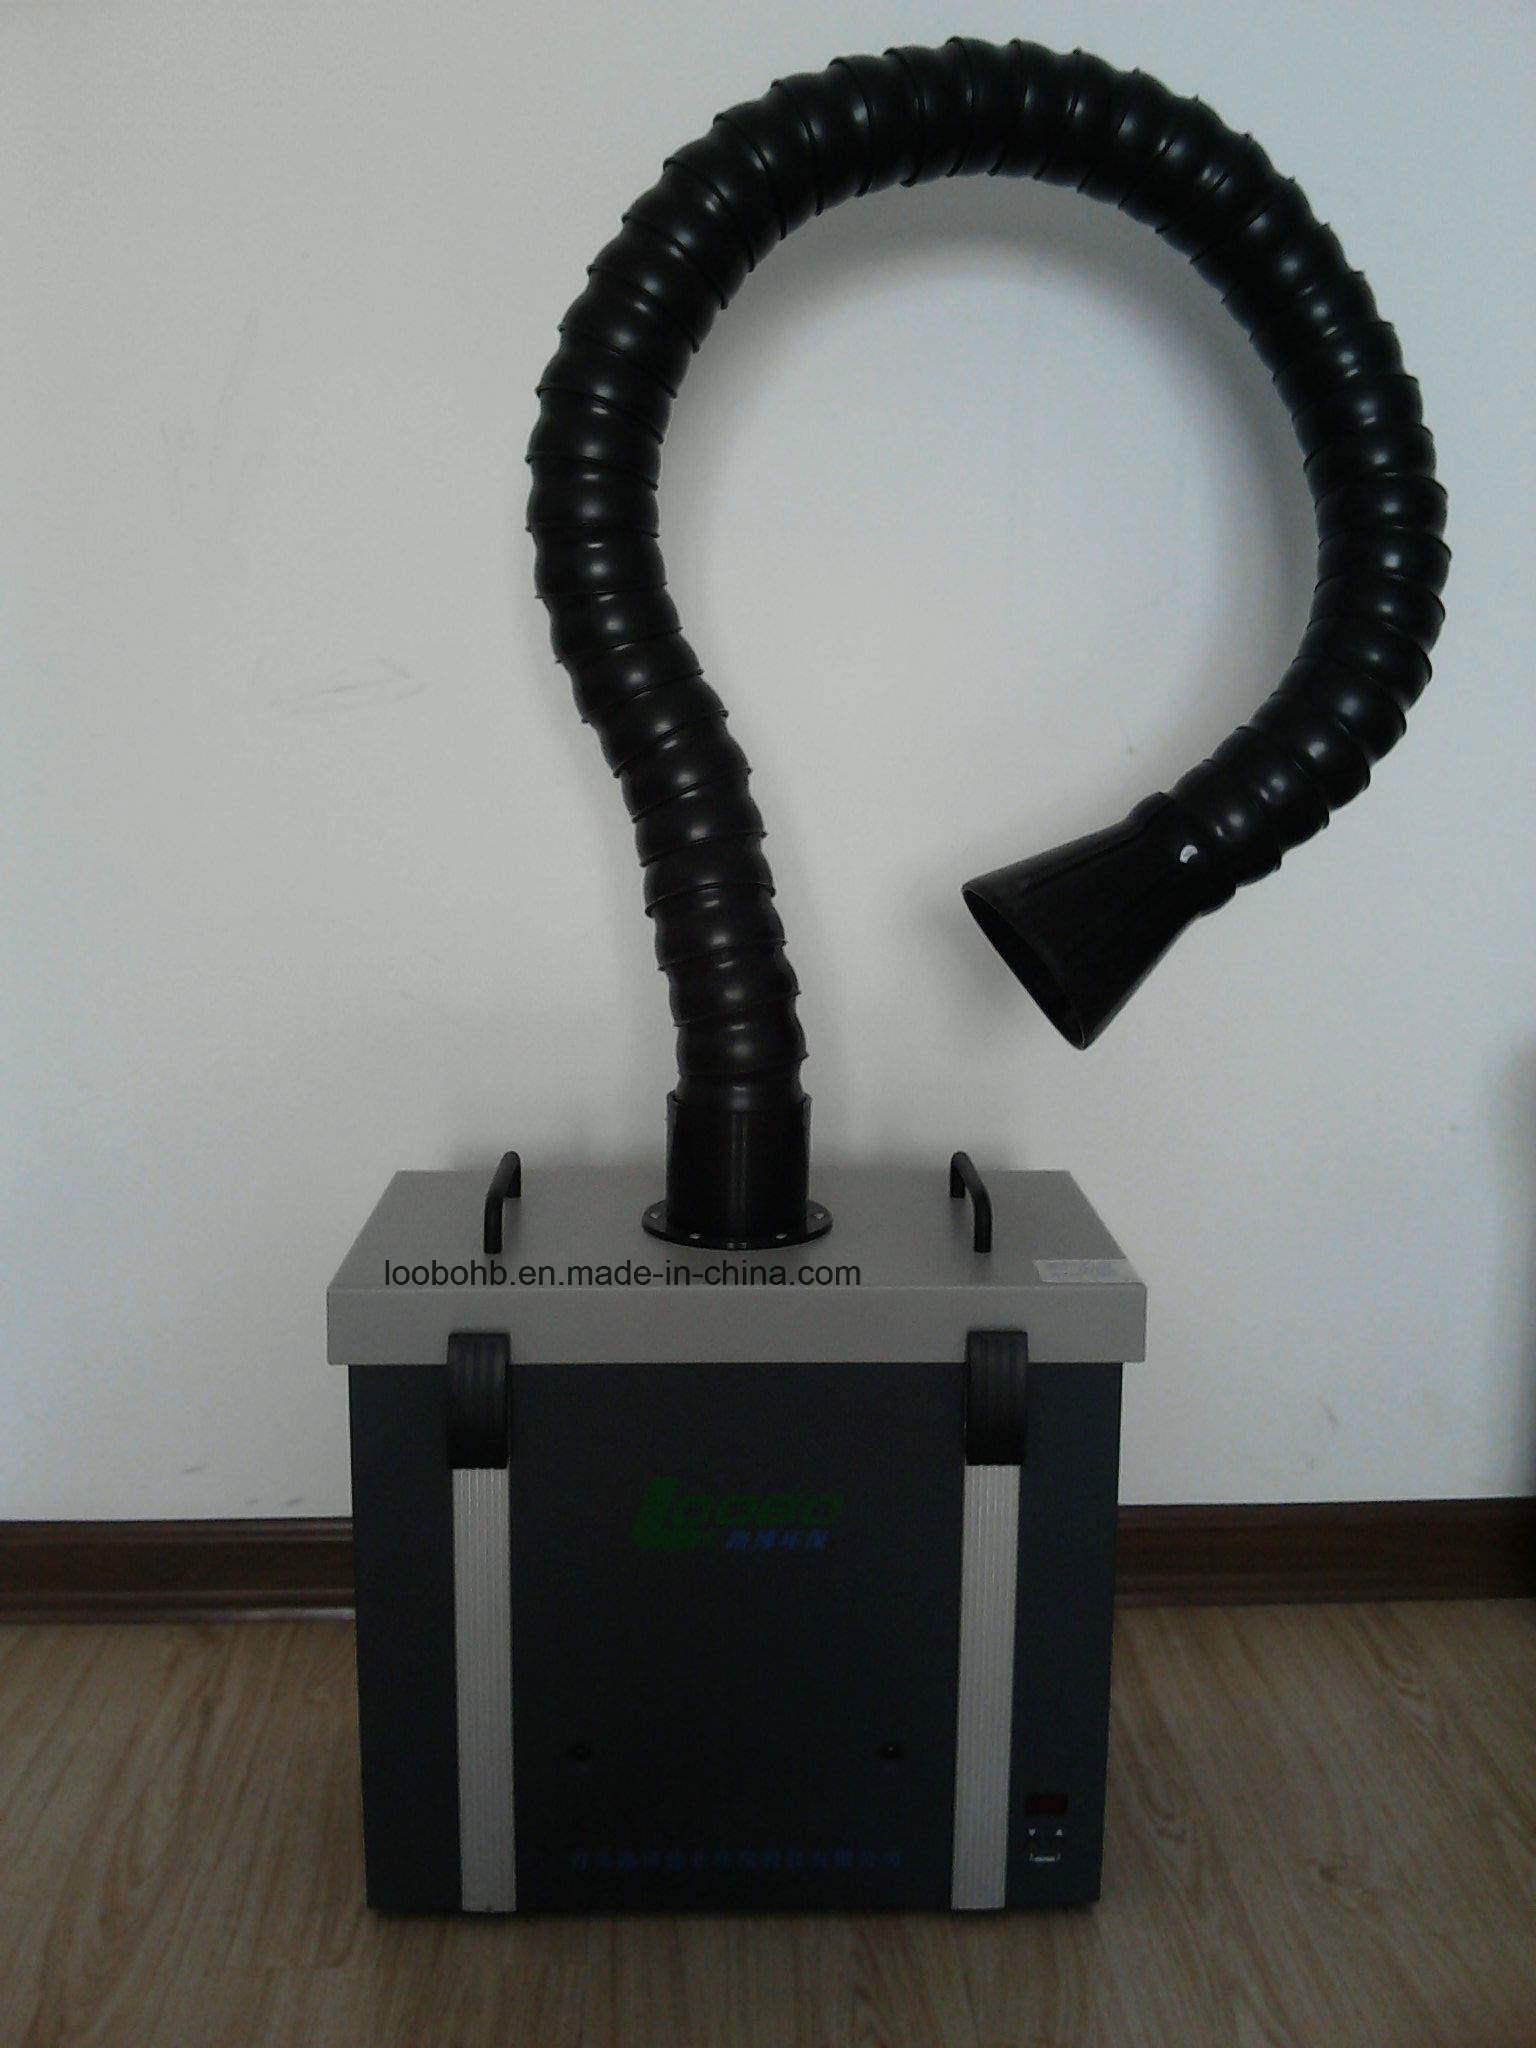 collecteur de poussi re de laser d 39 extracteur de vapeur du laboratoire livre qx photo sur fr. Black Bedroom Furniture Sets. Home Design Ideas